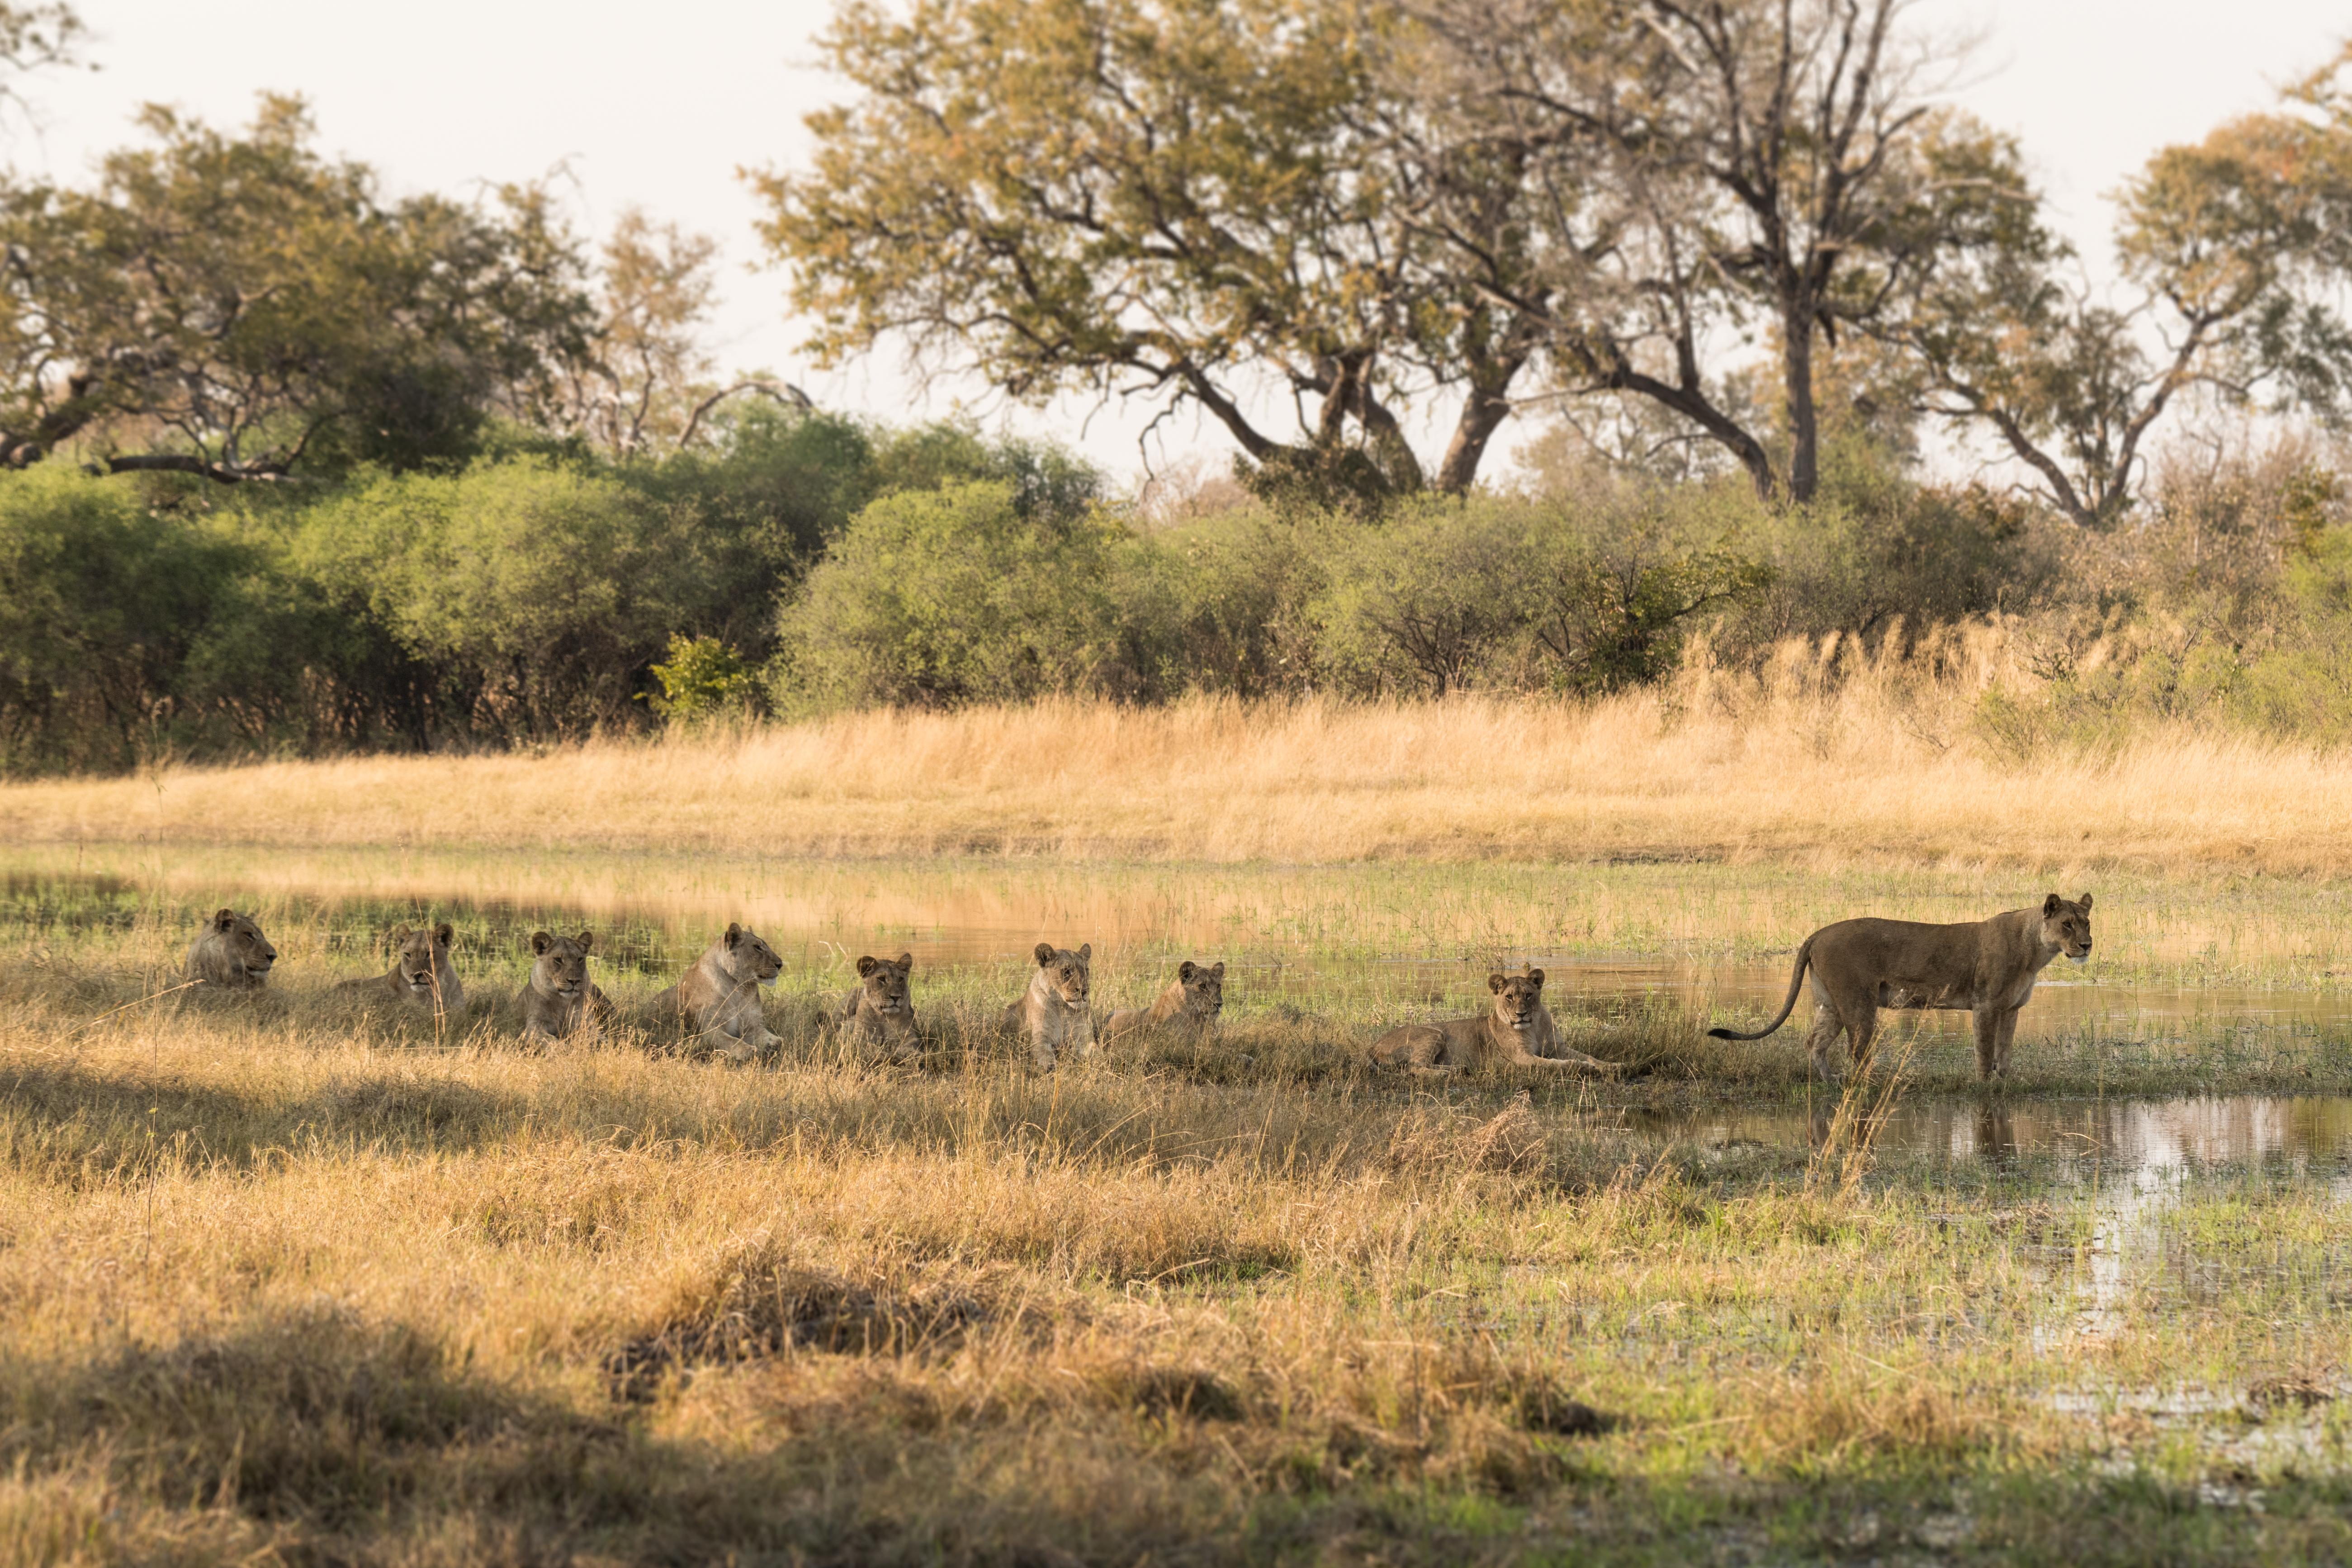 Lebala - Lions